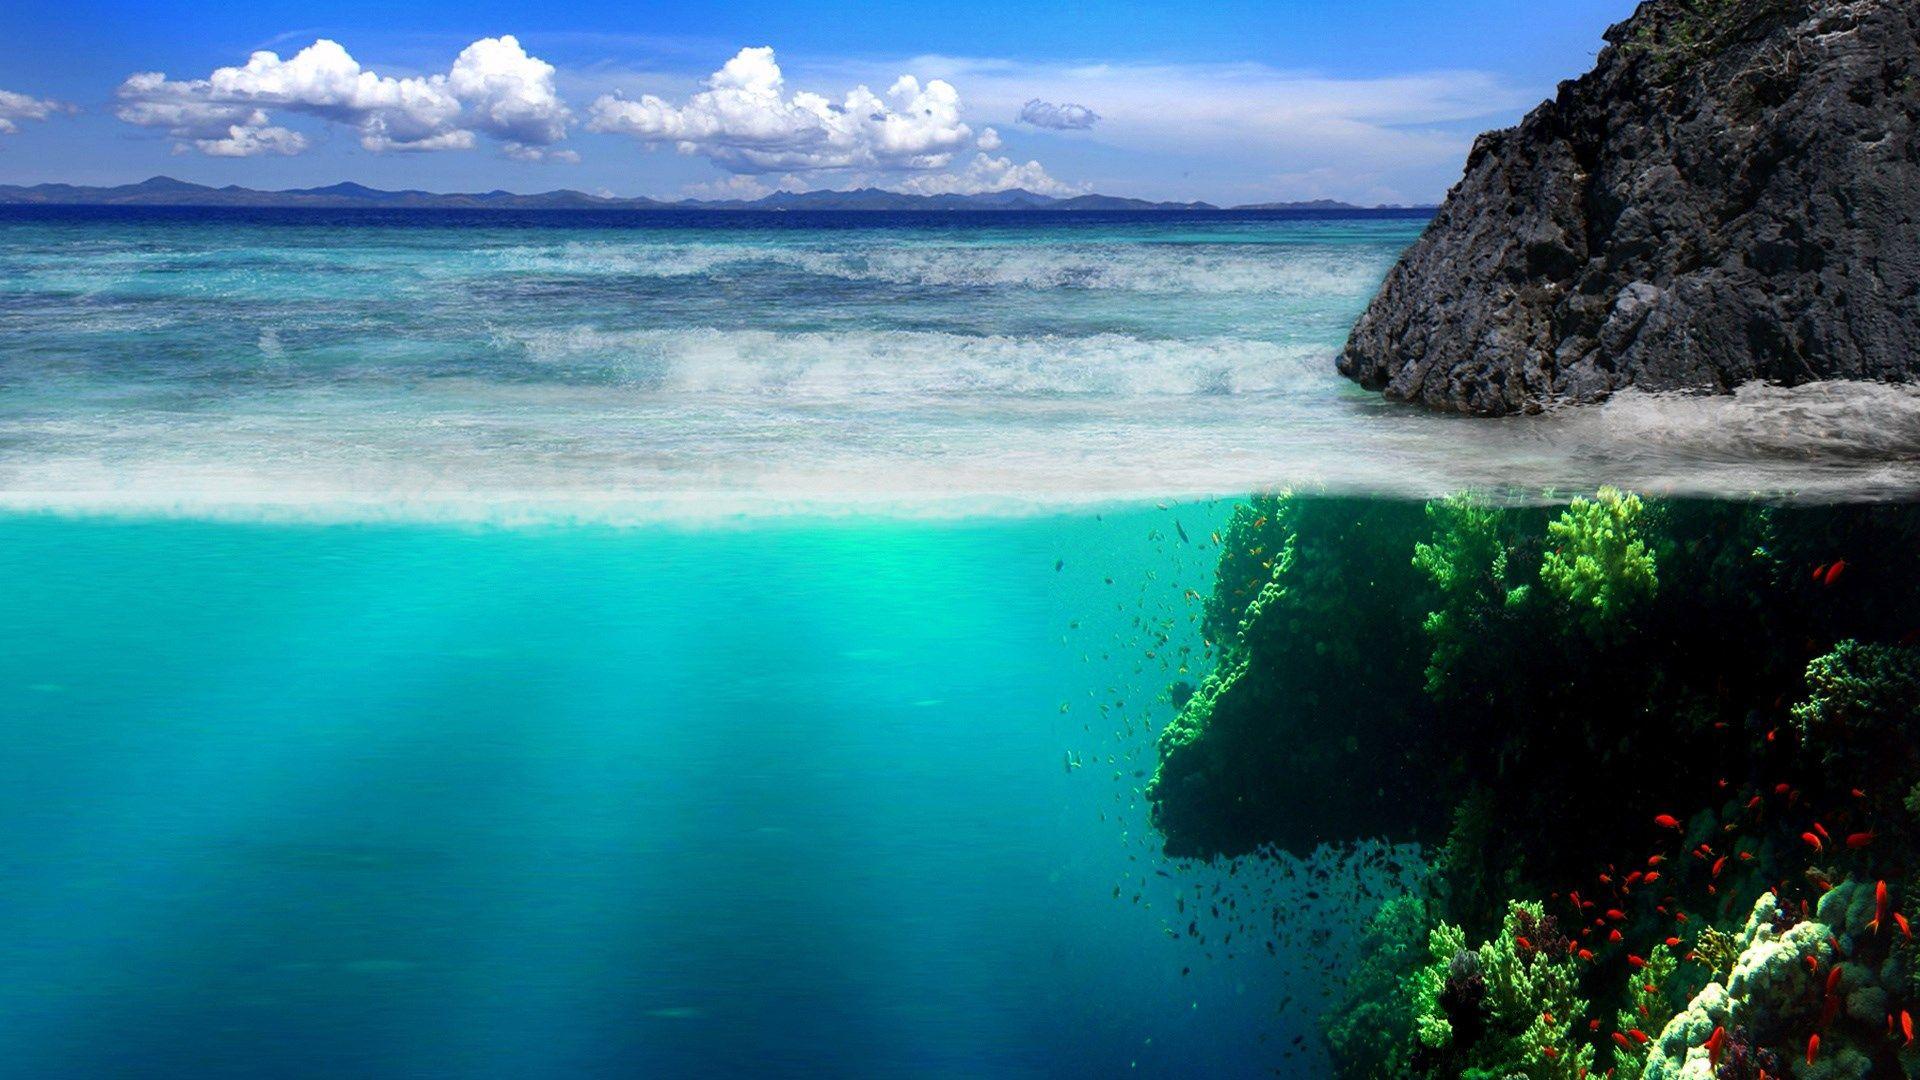 Underwater Wallpapers For Mac Desktop Scenery Wallpaper Ocean Landscape Landscape Wallpaper